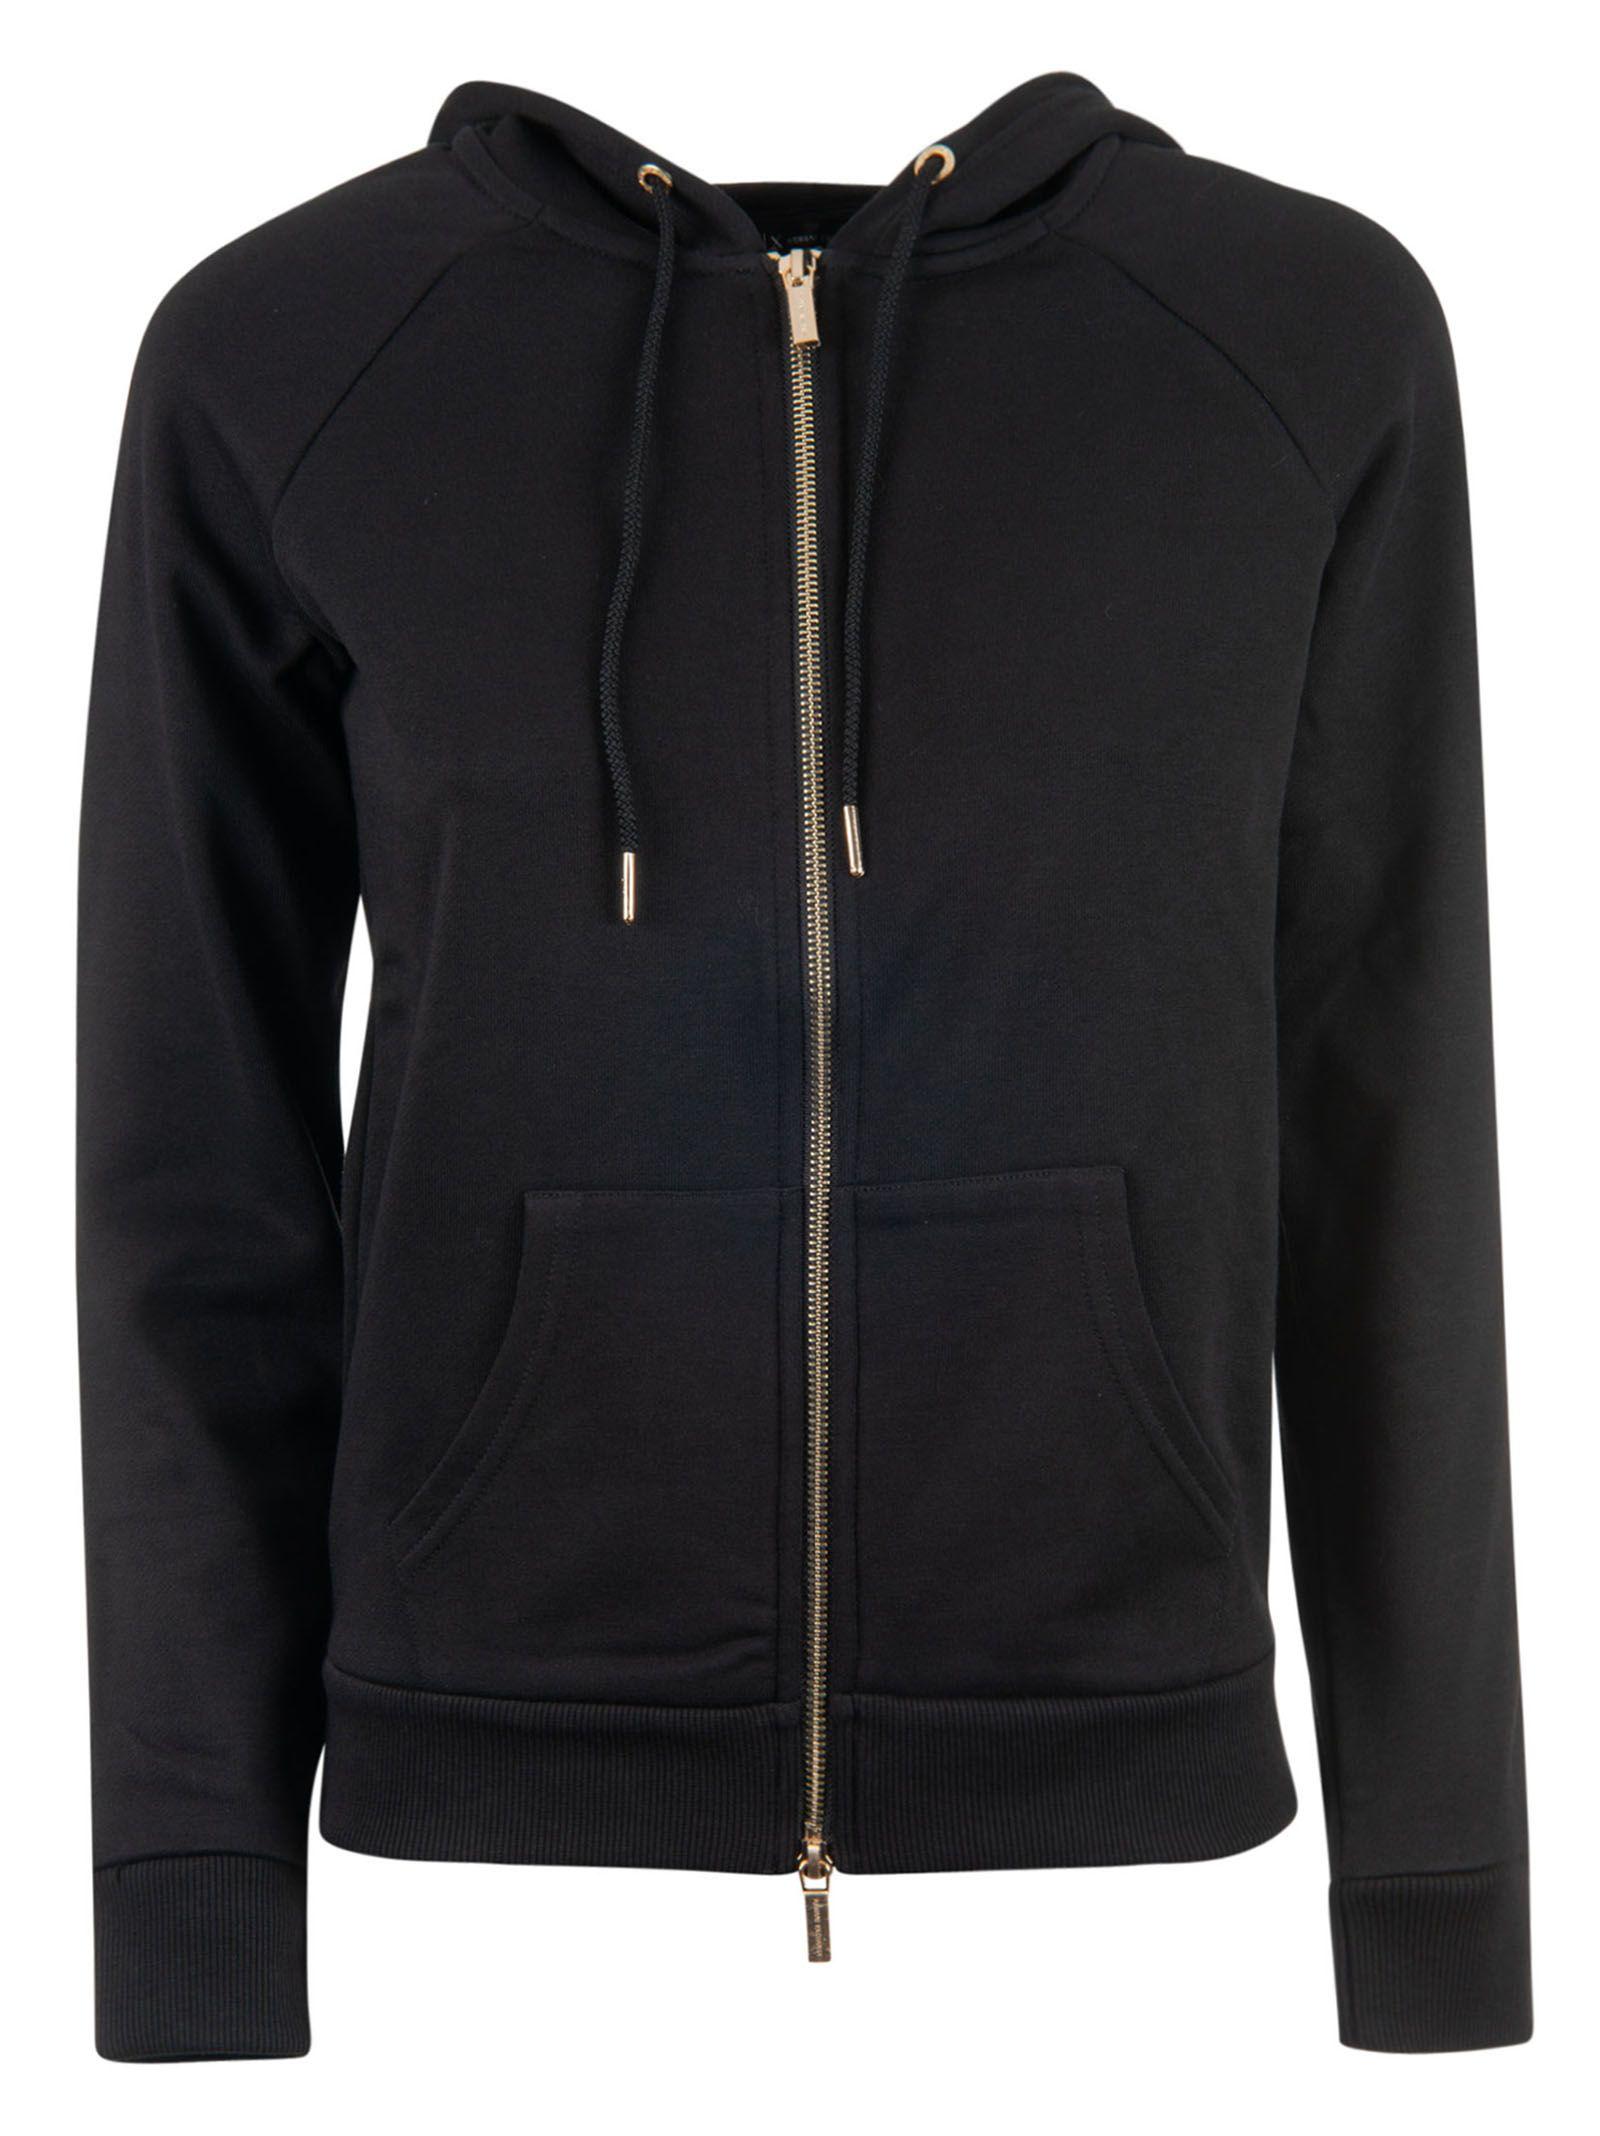 Armani Collezioni Hooded Sweatshirt